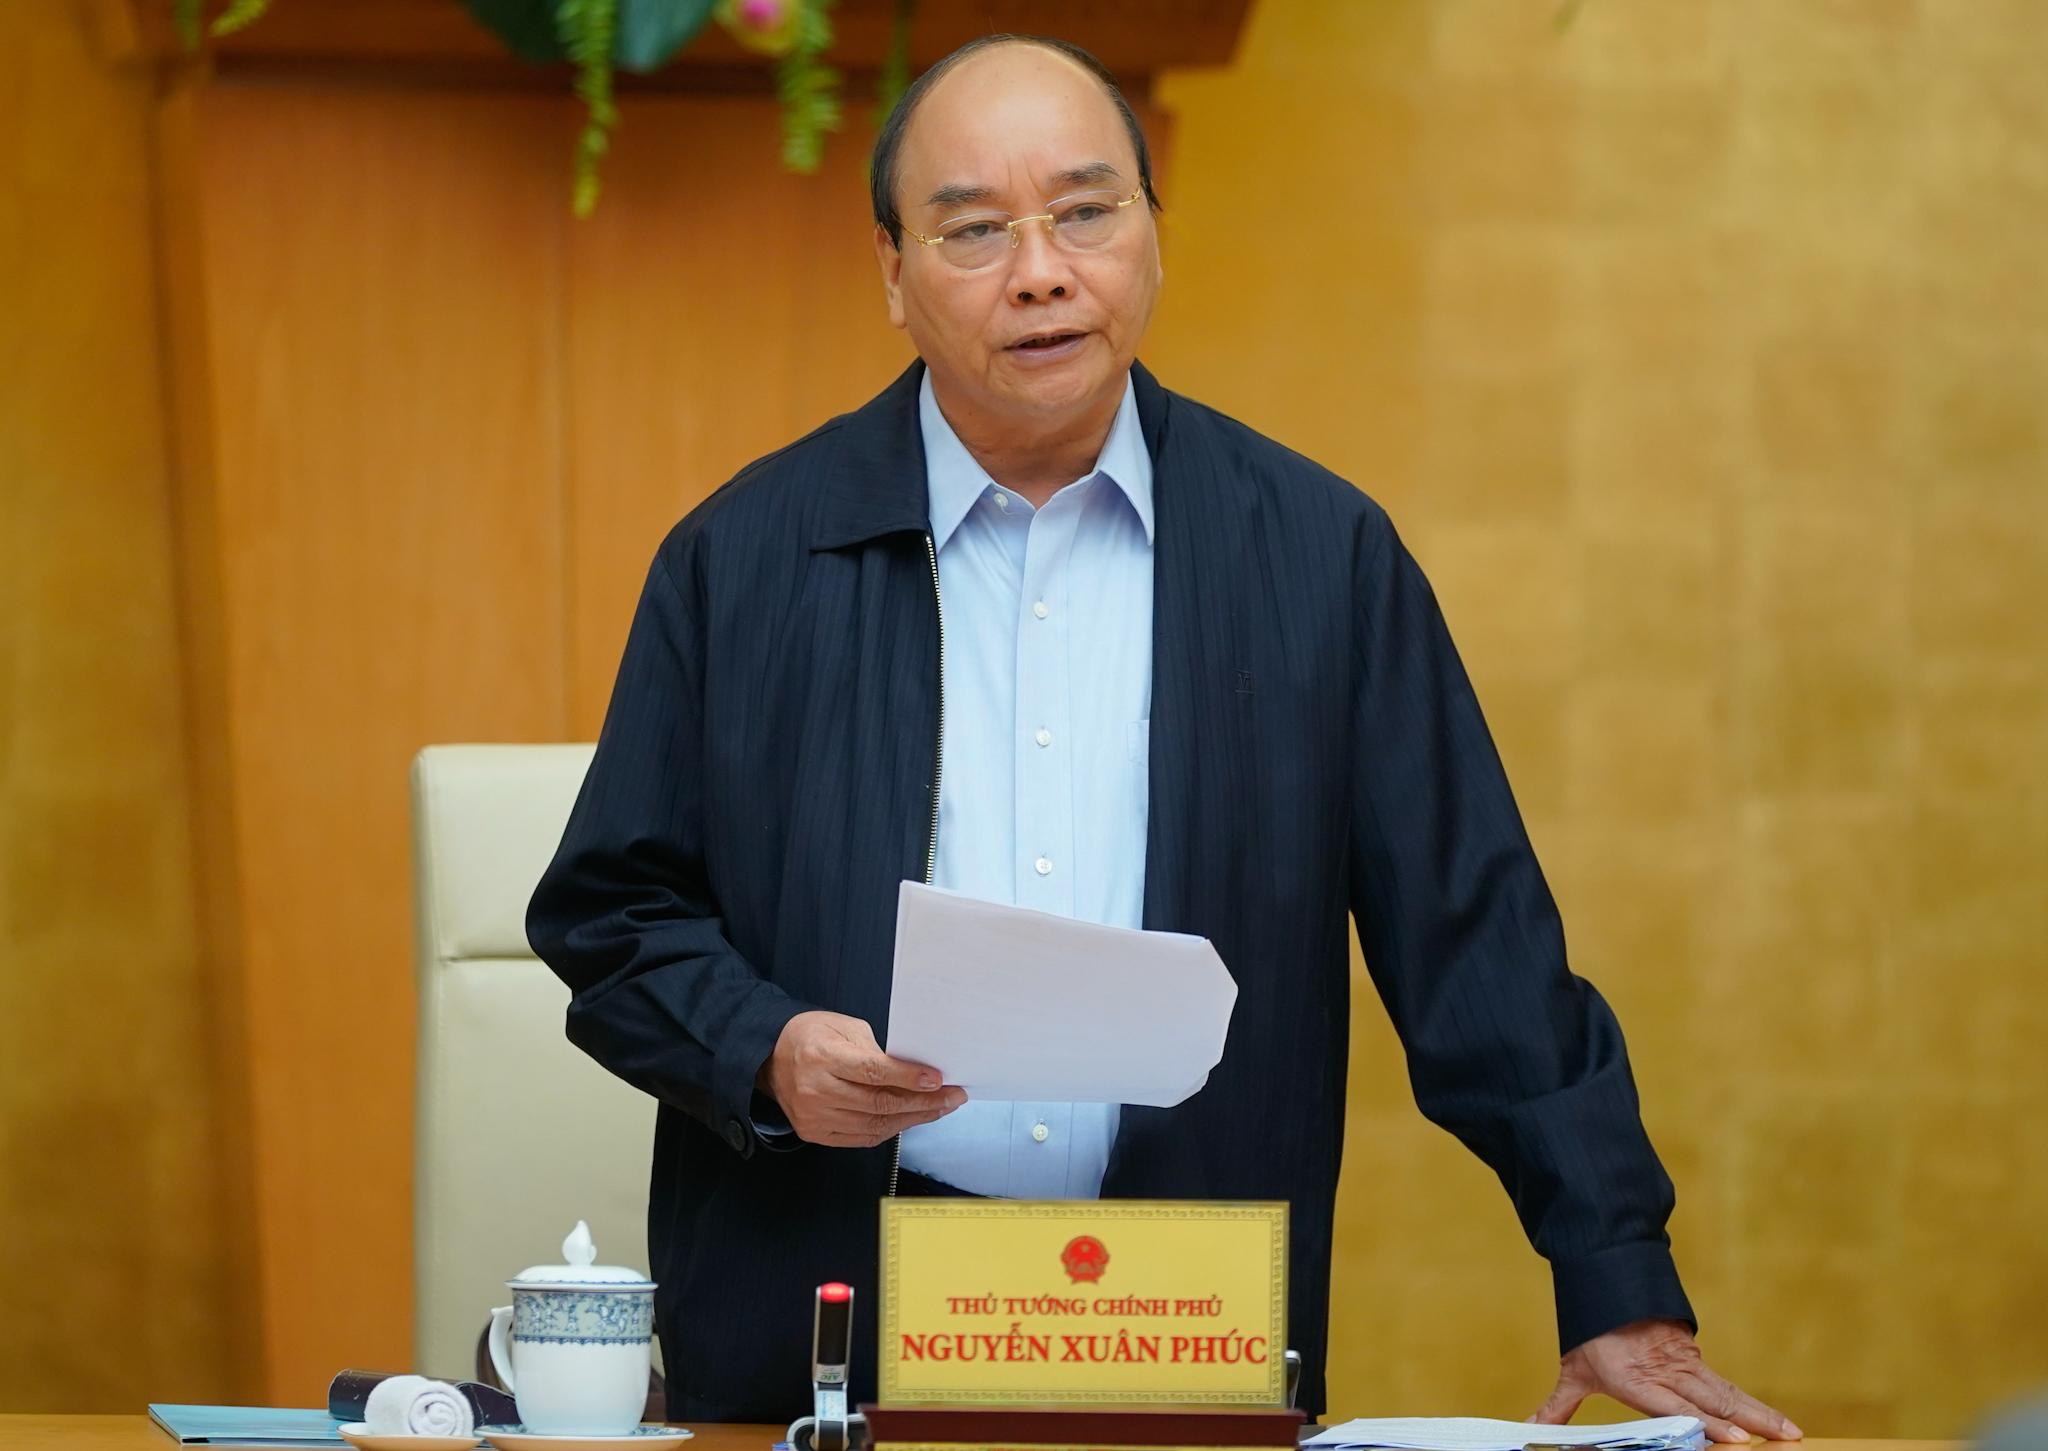 Thủ tướng Nguyễn Xuân Phúc nhấn mạnh: Cương quyết thay cán bộ không biết làm việc, tiêu cực, lợi ích nhóm. Ảnh: VGP/Quang Hiếu